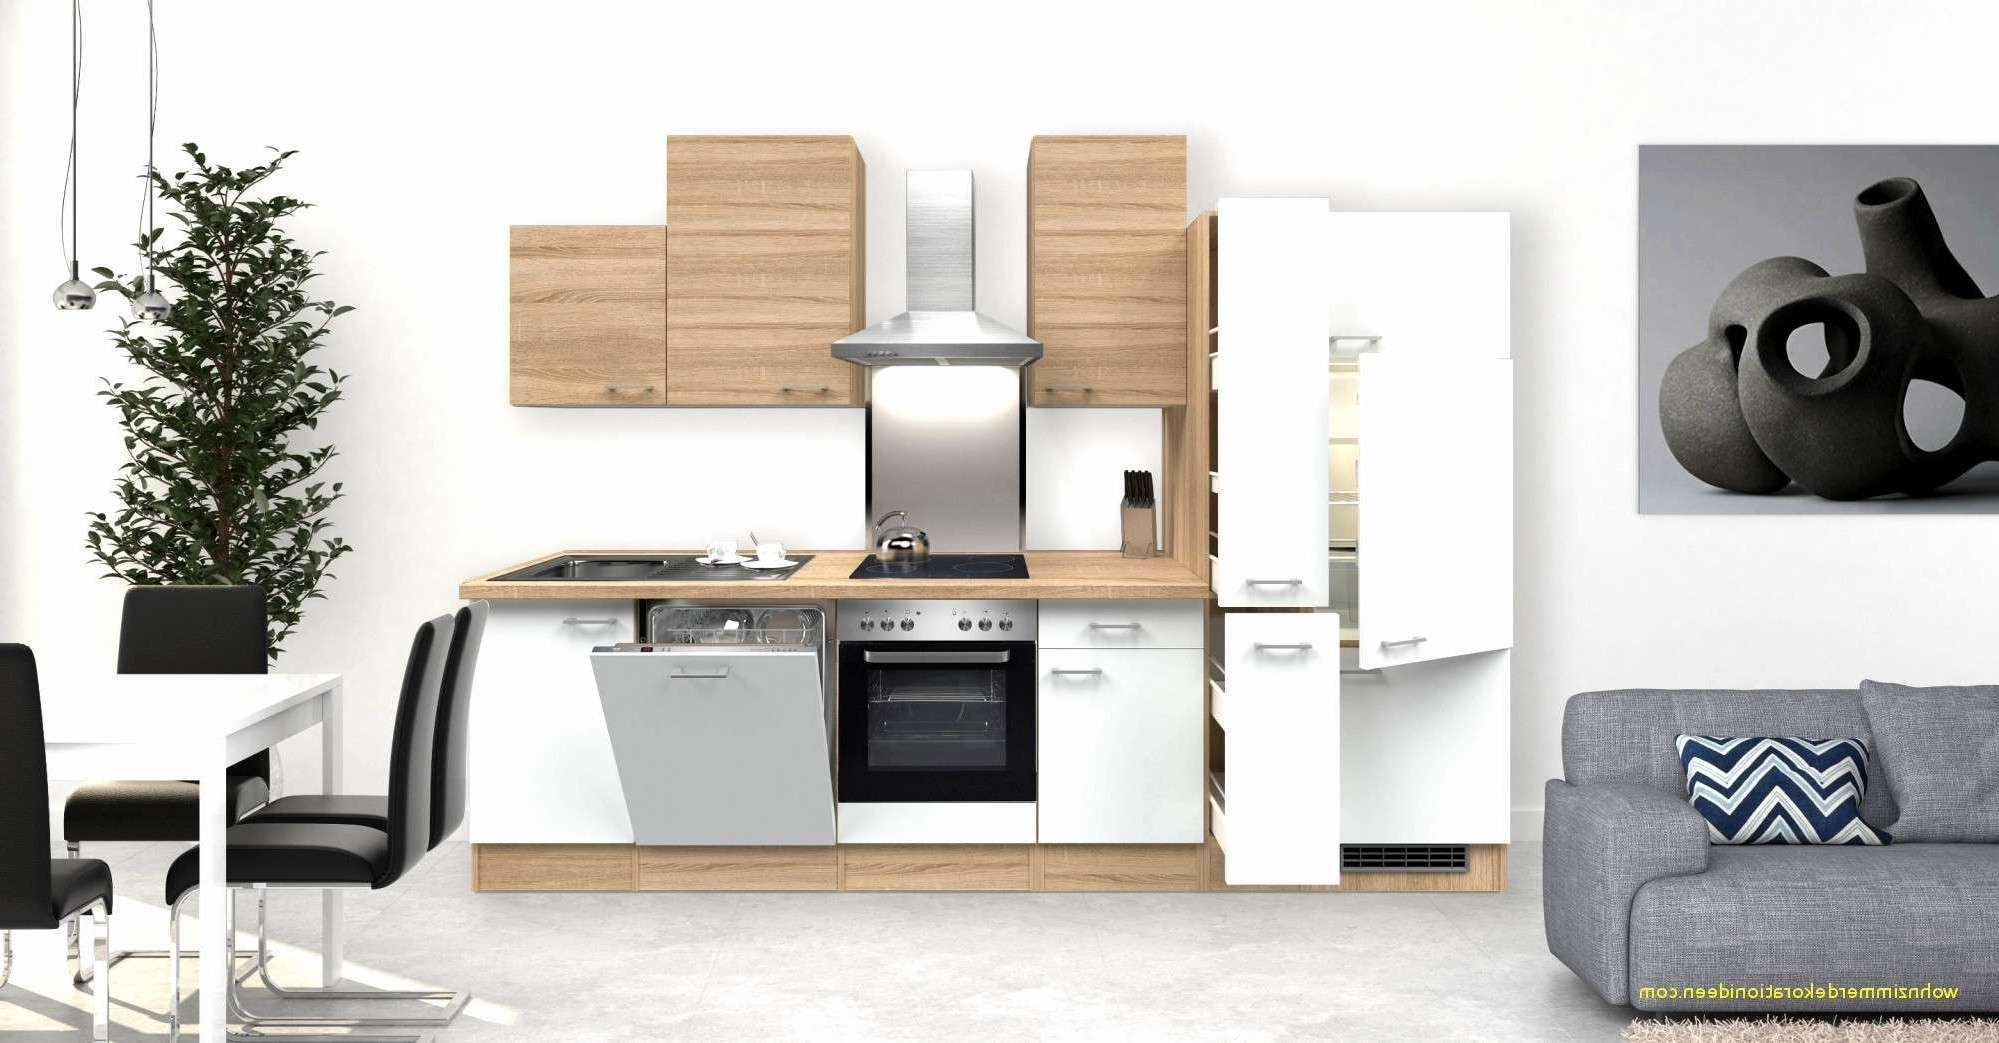 48 Luxus Kuchenschrank 40 Cm Tief Ikea Decor Design Home Decor